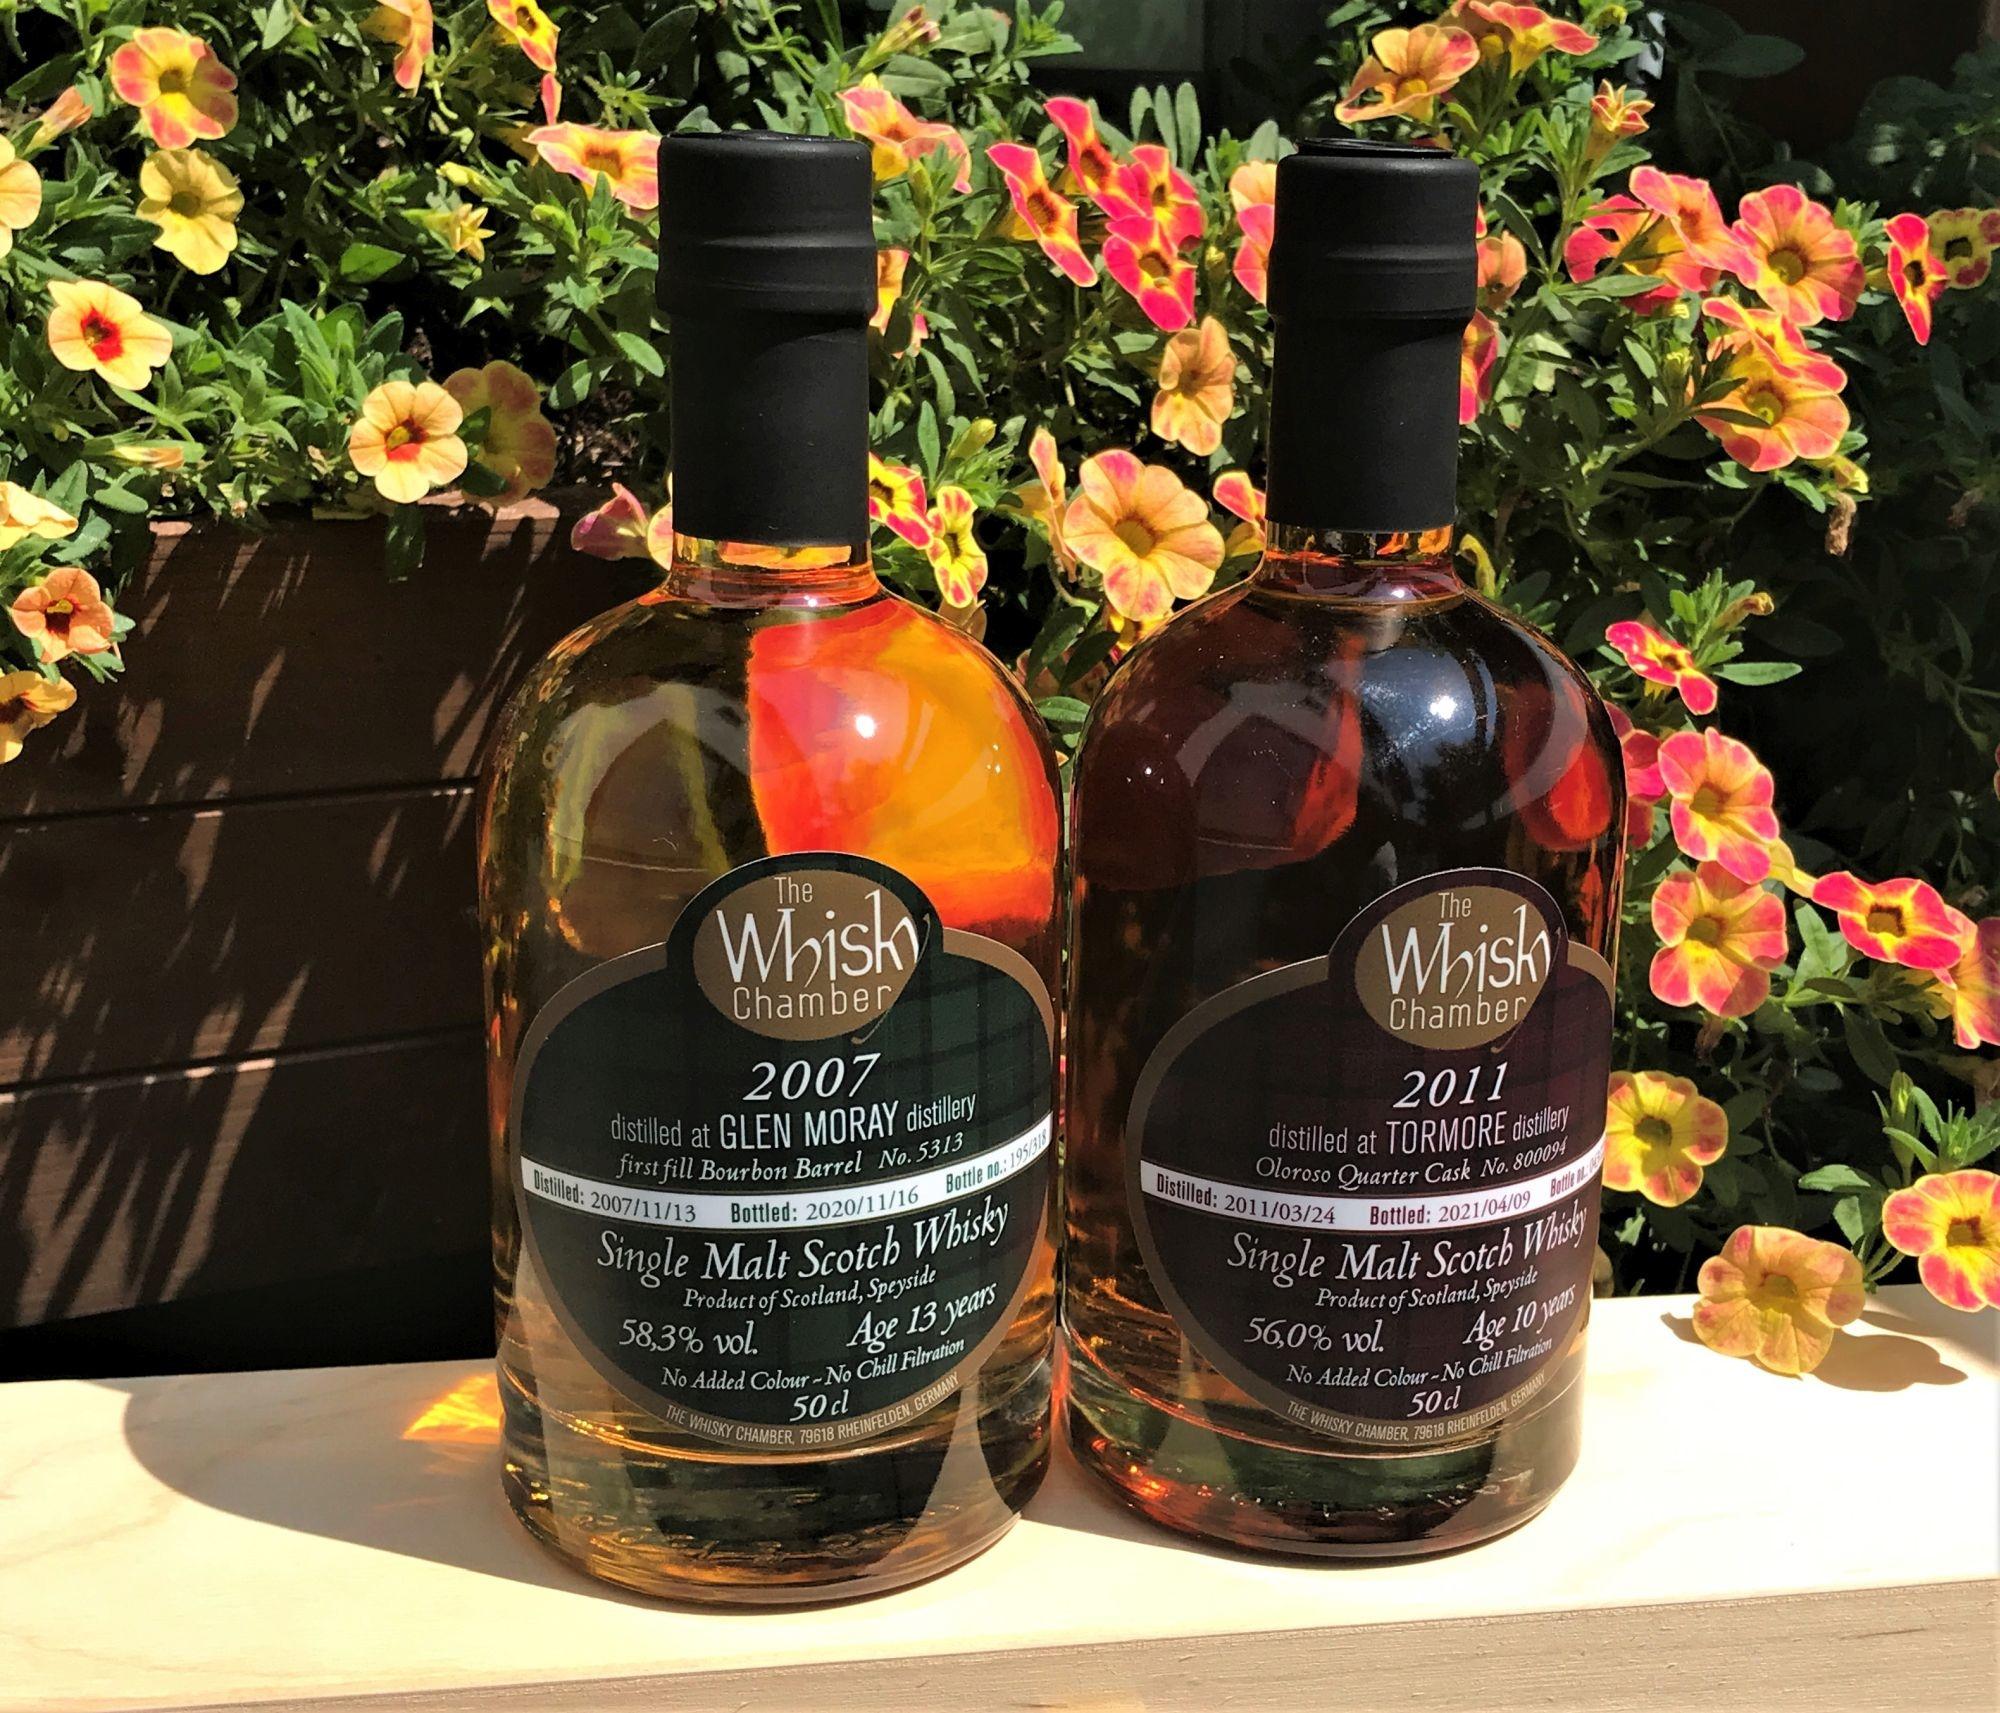 Zwei spätsommerliche Abfüllungen von The Whisky Chamber